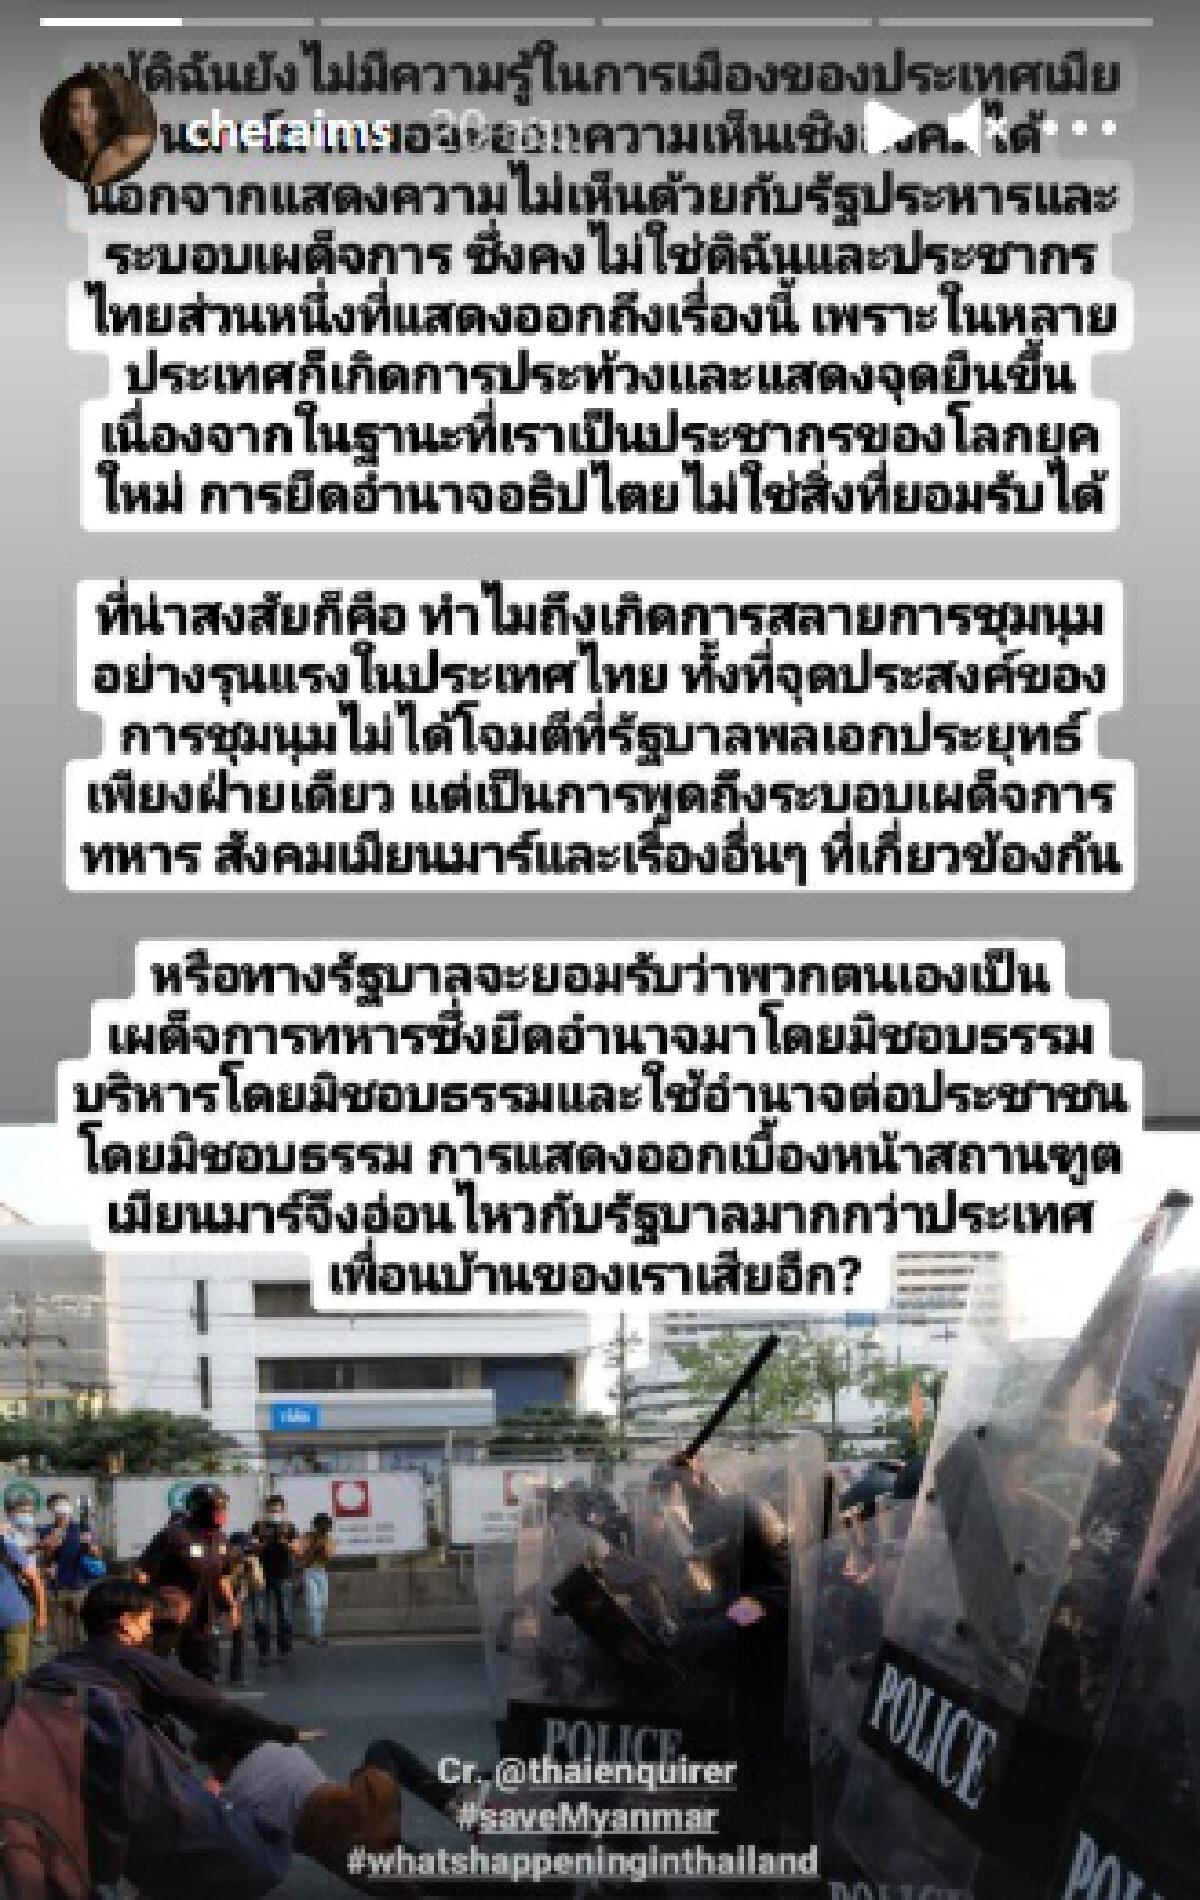 เฌอเอม ฟาด! ตั้งคำถามทำไมรัฐบาลไทยต้องสลายม็อบหน้าสถานทูตเมียนมา